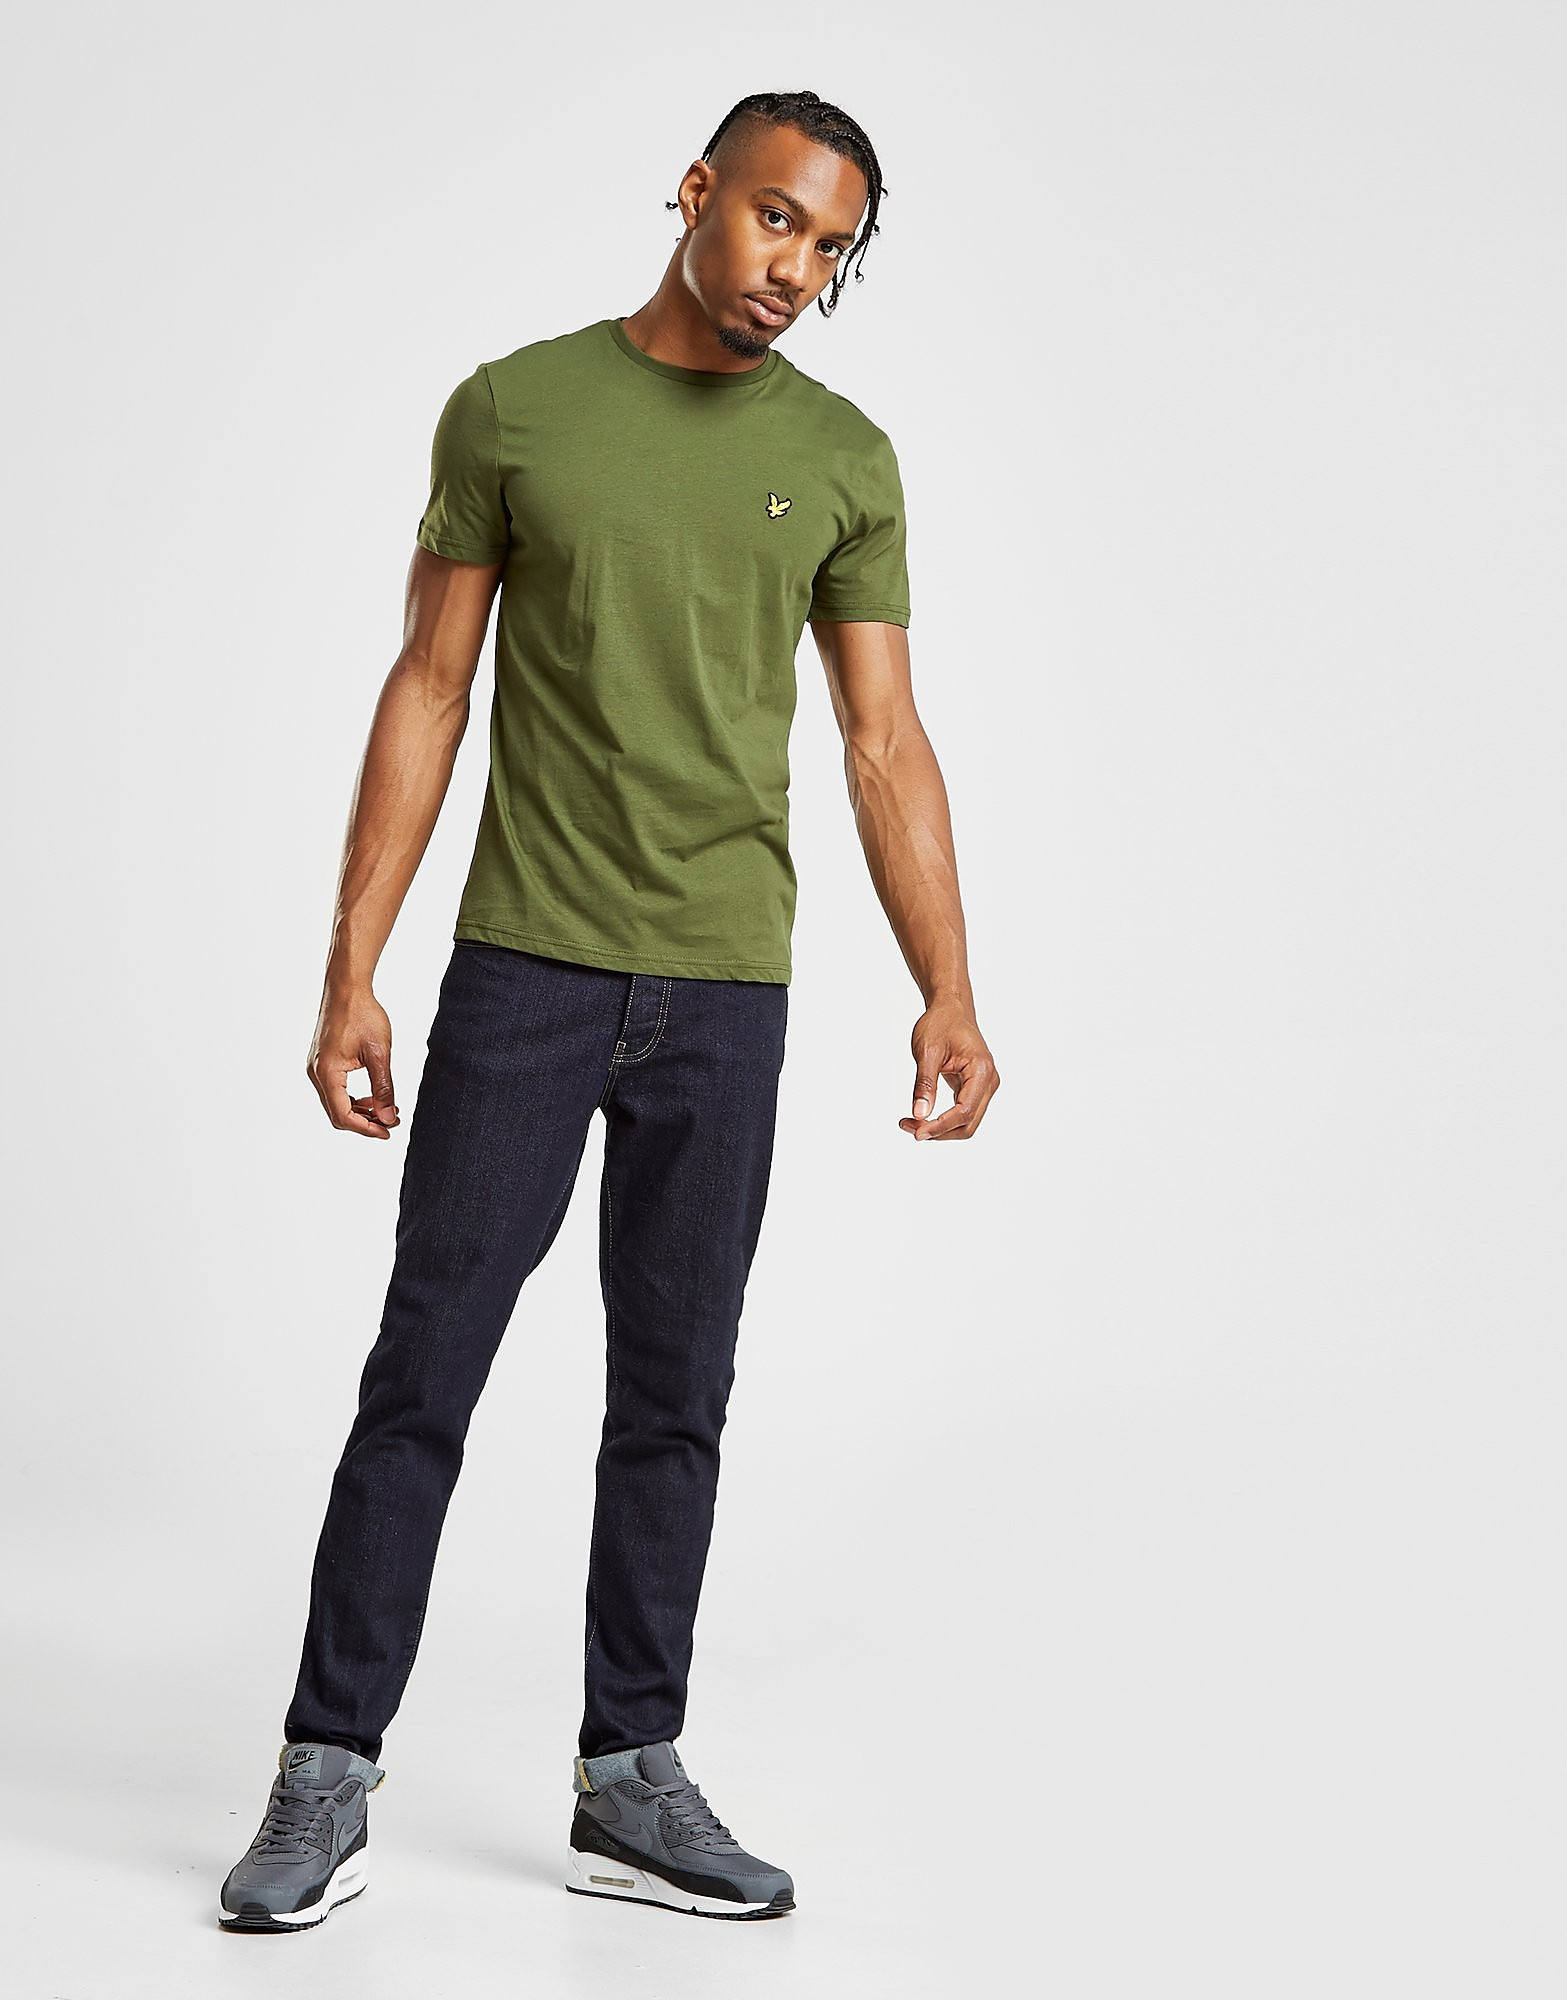 Lyle & Scott Crew Neck Short Sleeve T-Shirt - Groen - Heren